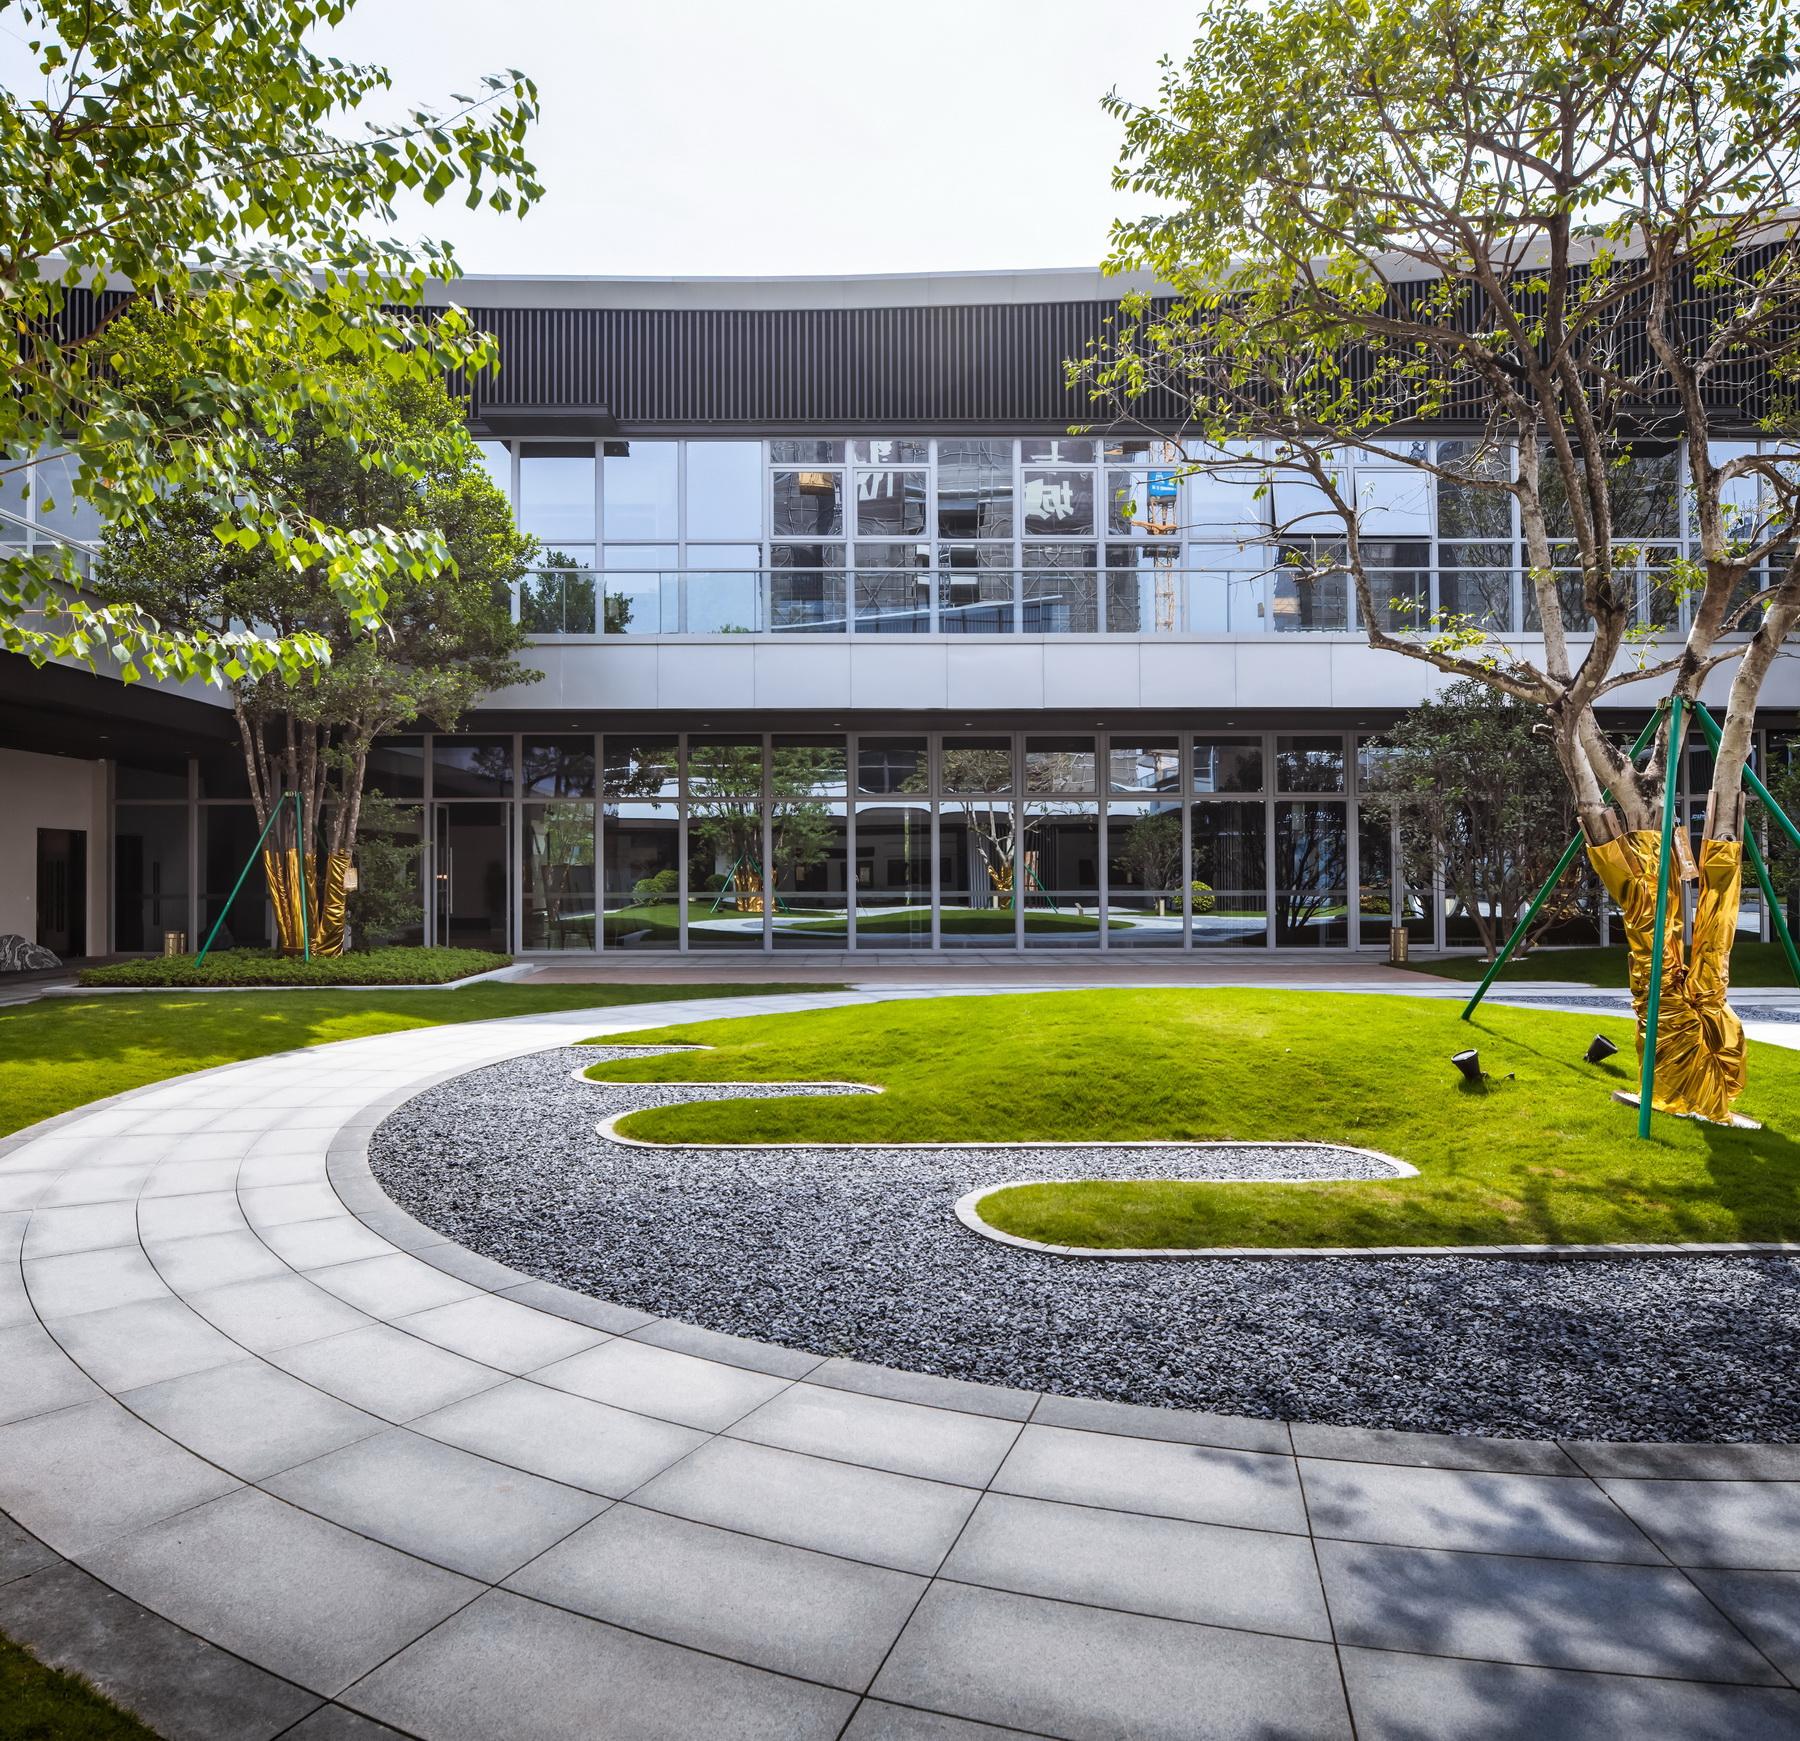 广州大华东郡景观示范区 景观设计 / 骏地景观